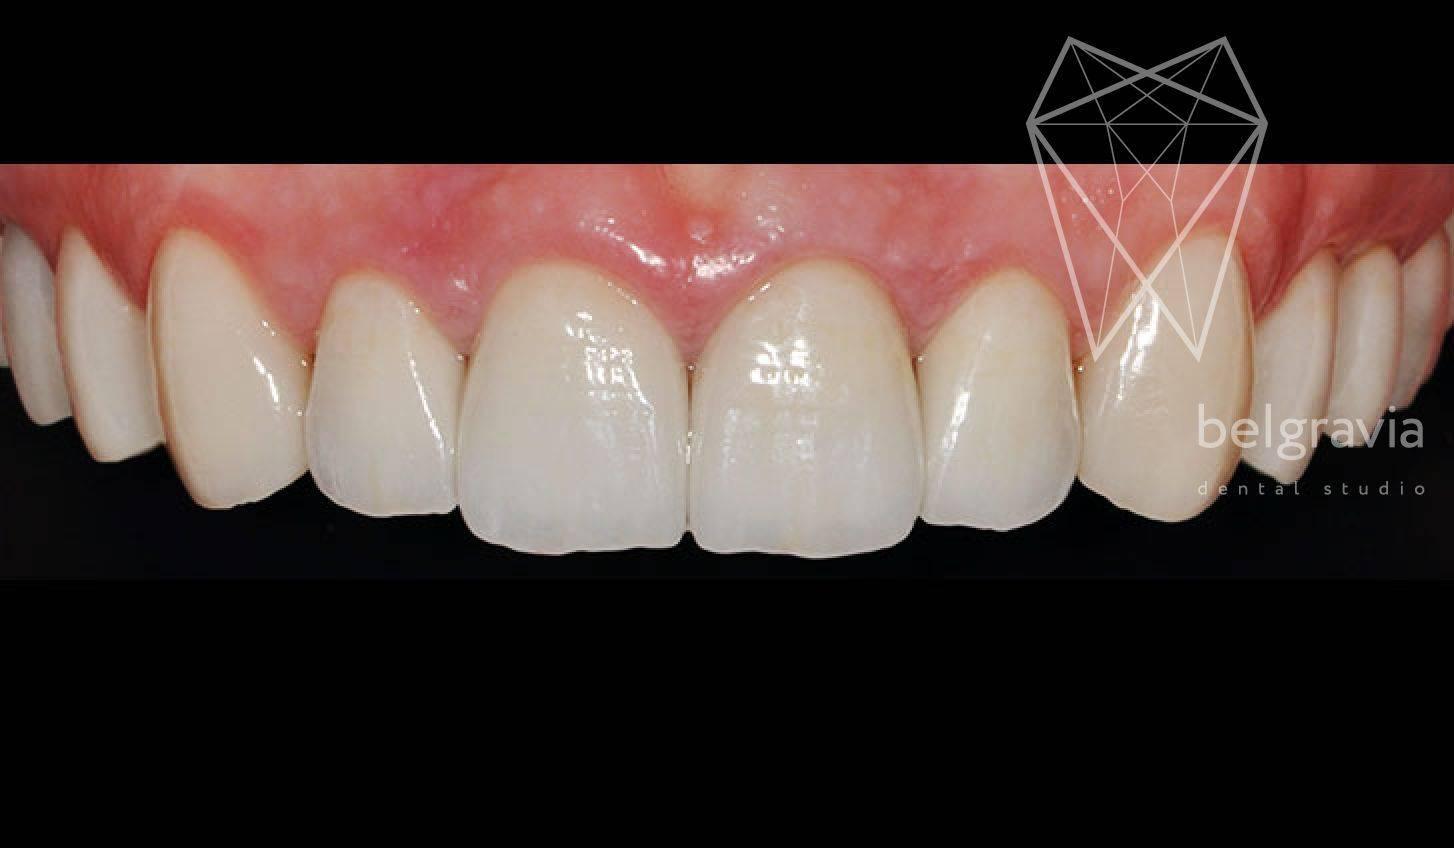 Что лучше — металлокерамика или диоксид циркония? материалы для стоматологии